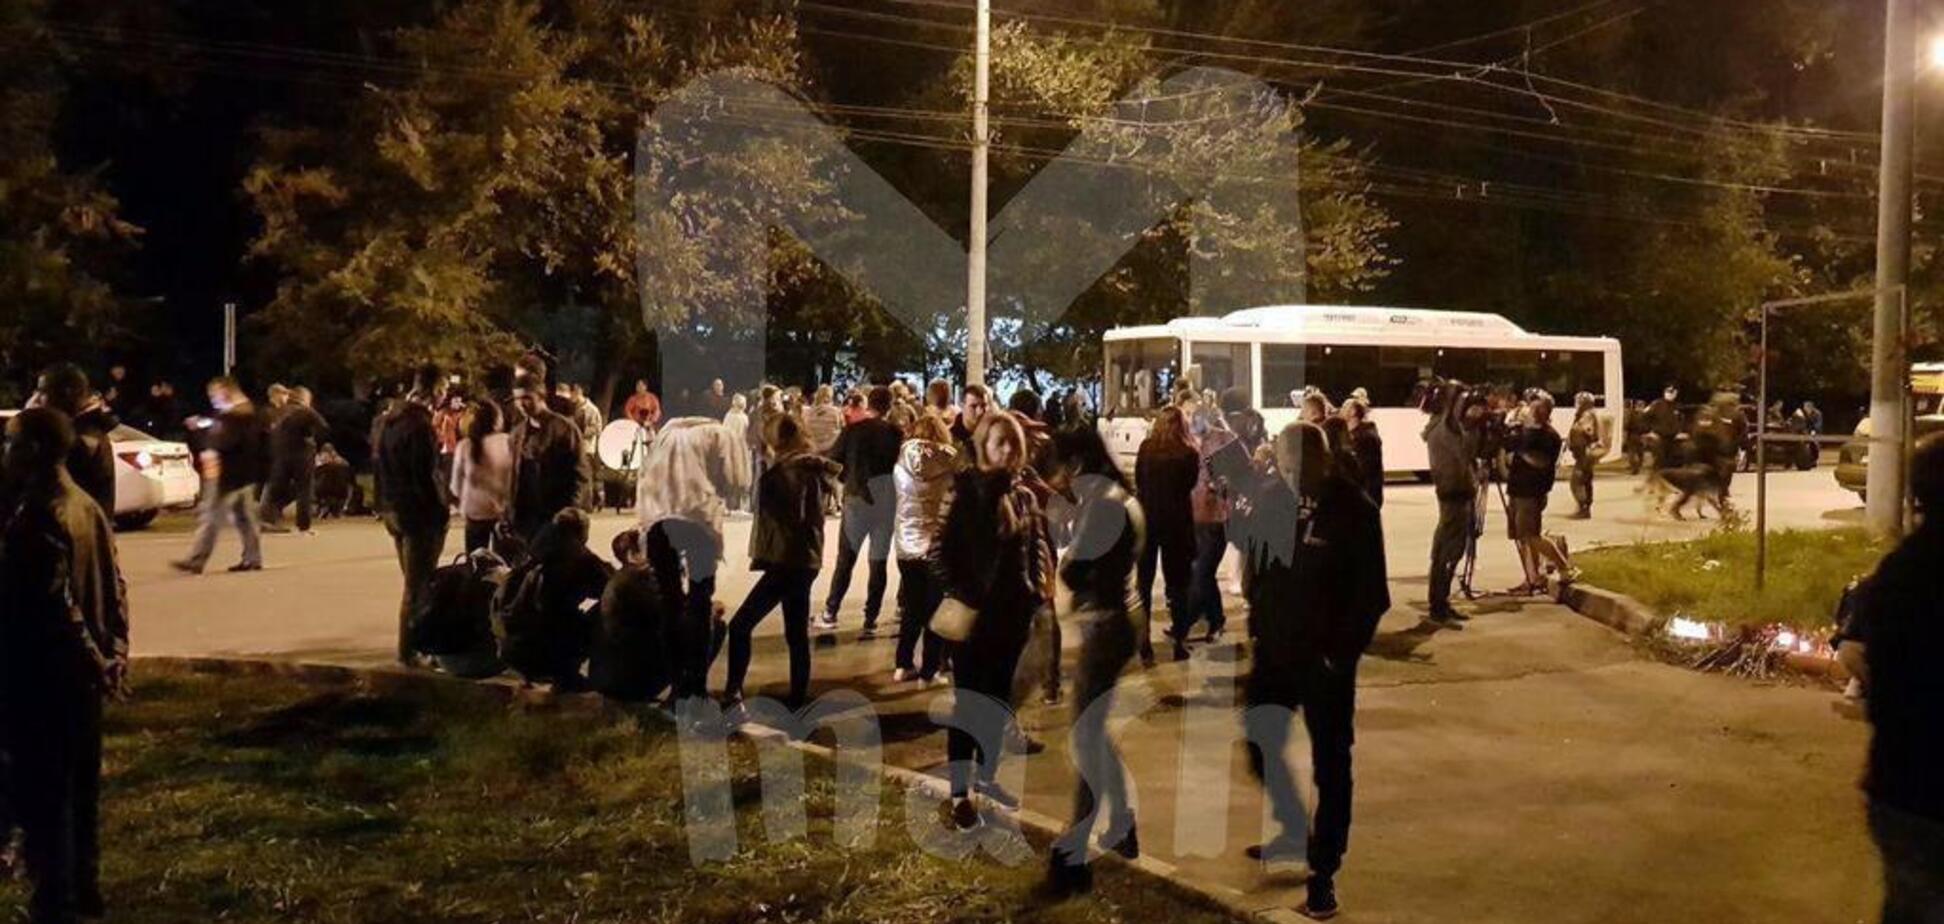 Кровавая бойня Керчи: названы мотивы студента, устроившего массовый расстрел